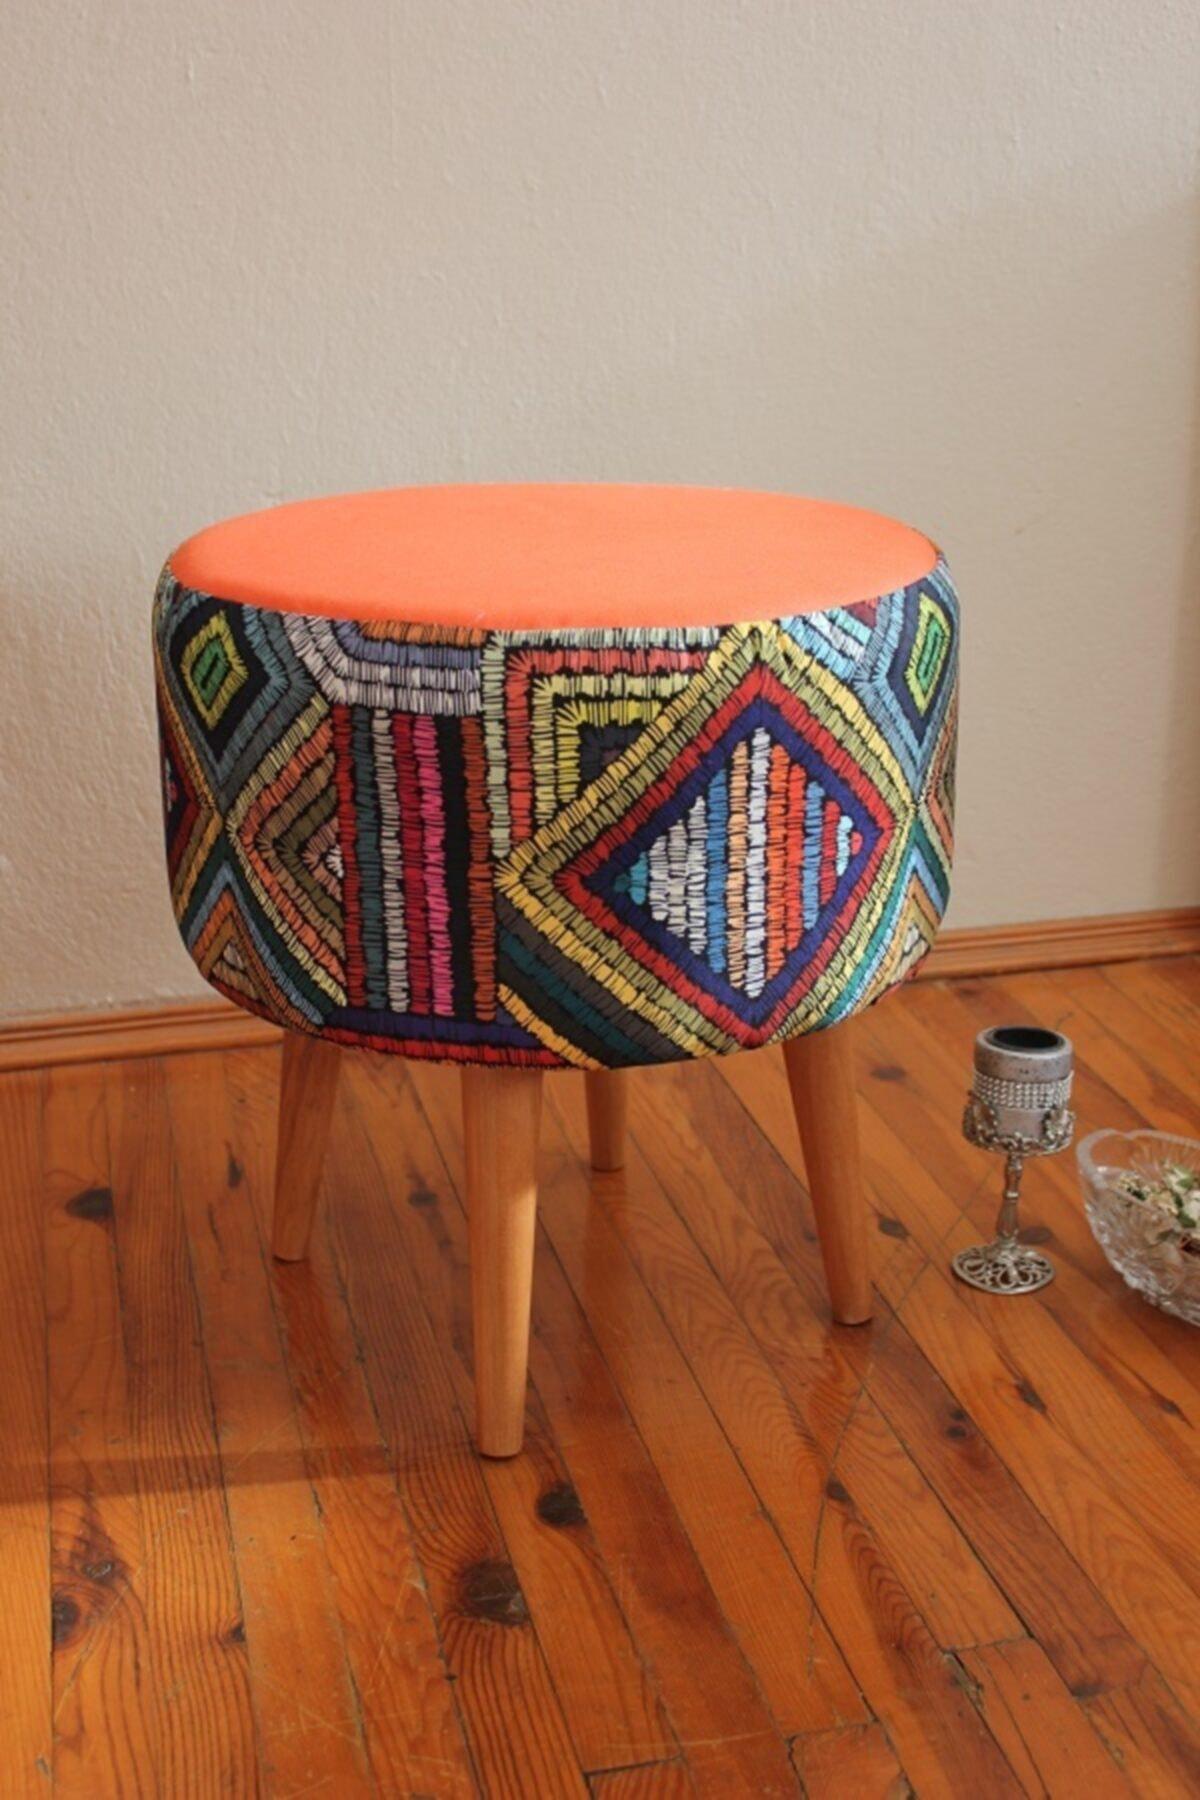 ALBATROS Gürgen Retro Ahşap Ayaklı Dekoratif Etnik Üst Kiremit Desenli Silindir Puf Bench Koltuk Sandalye 1